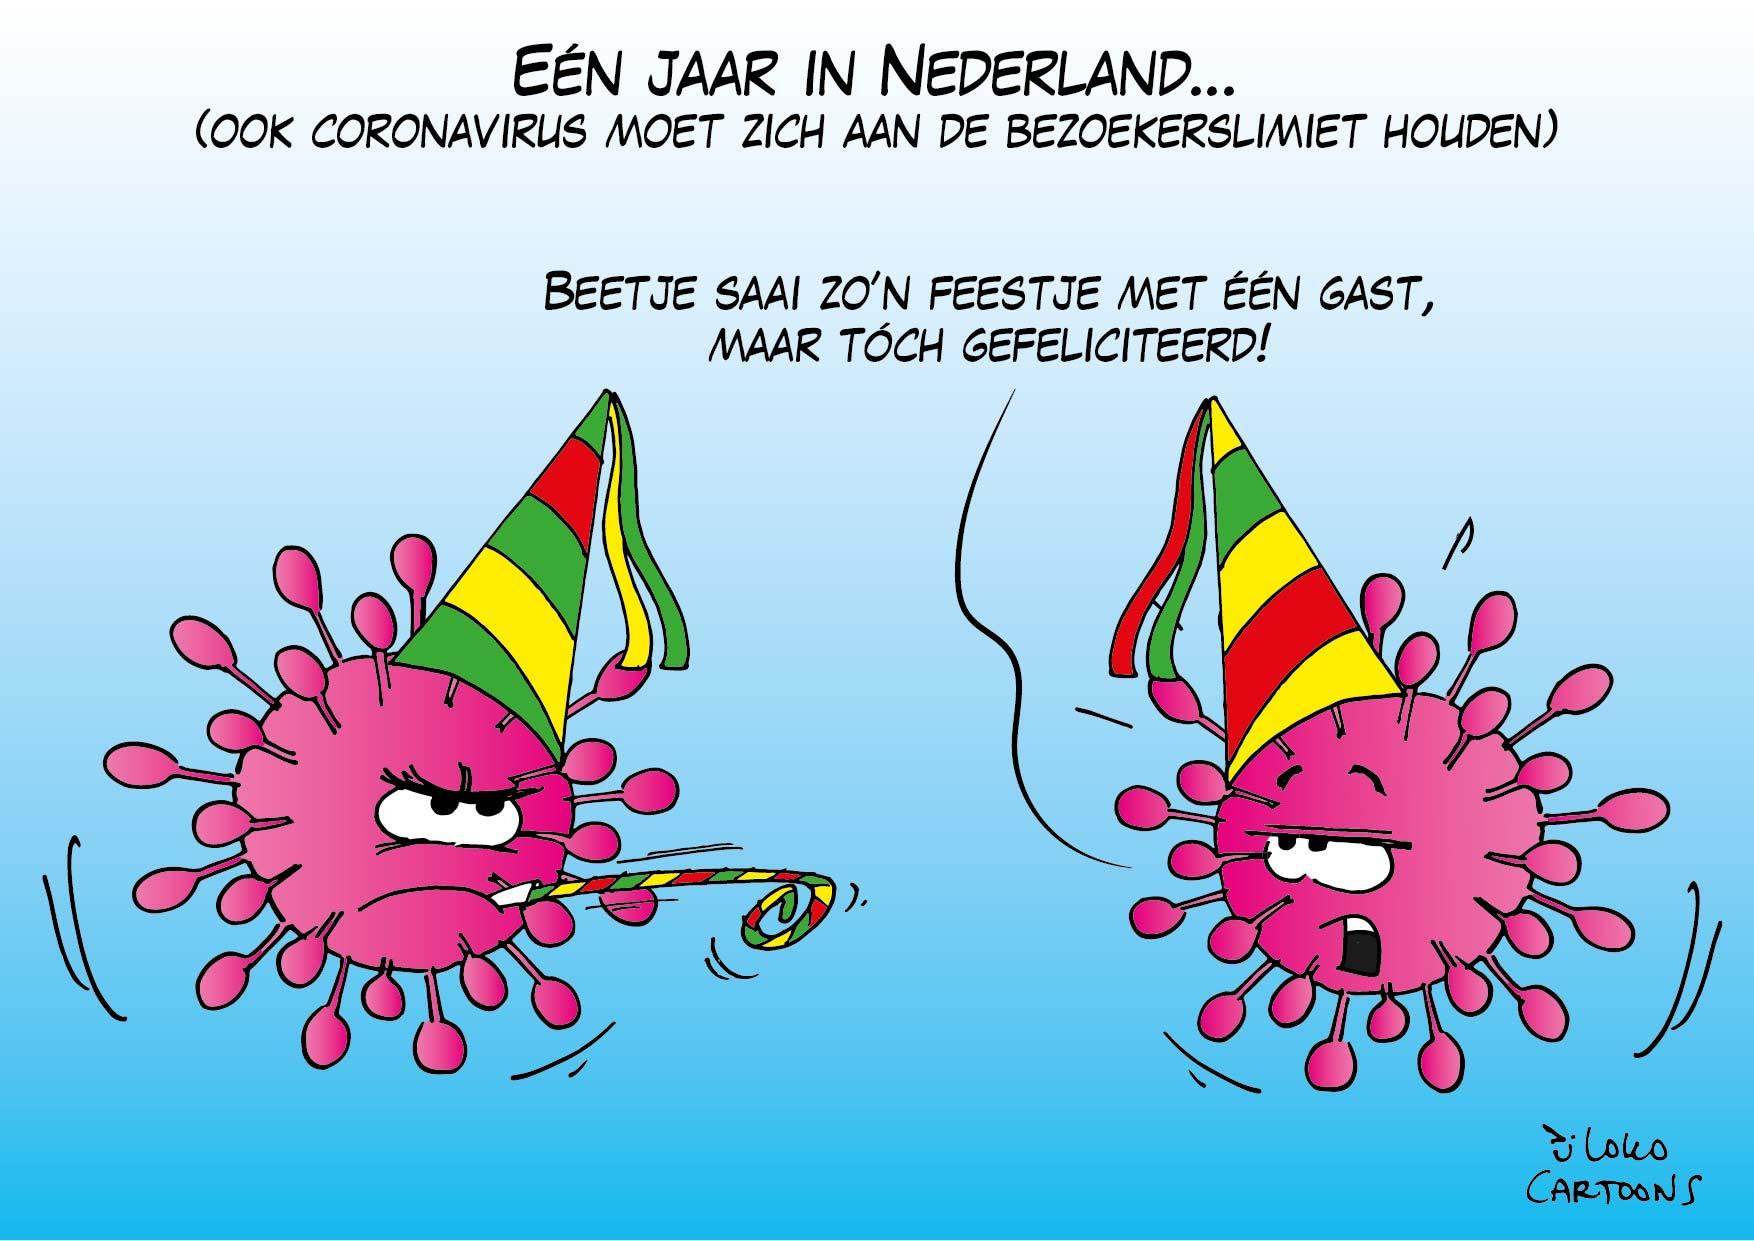 Een jaar in Nederland (ook het coronavirus moet zich aan de bezoekerslimiet houden)…